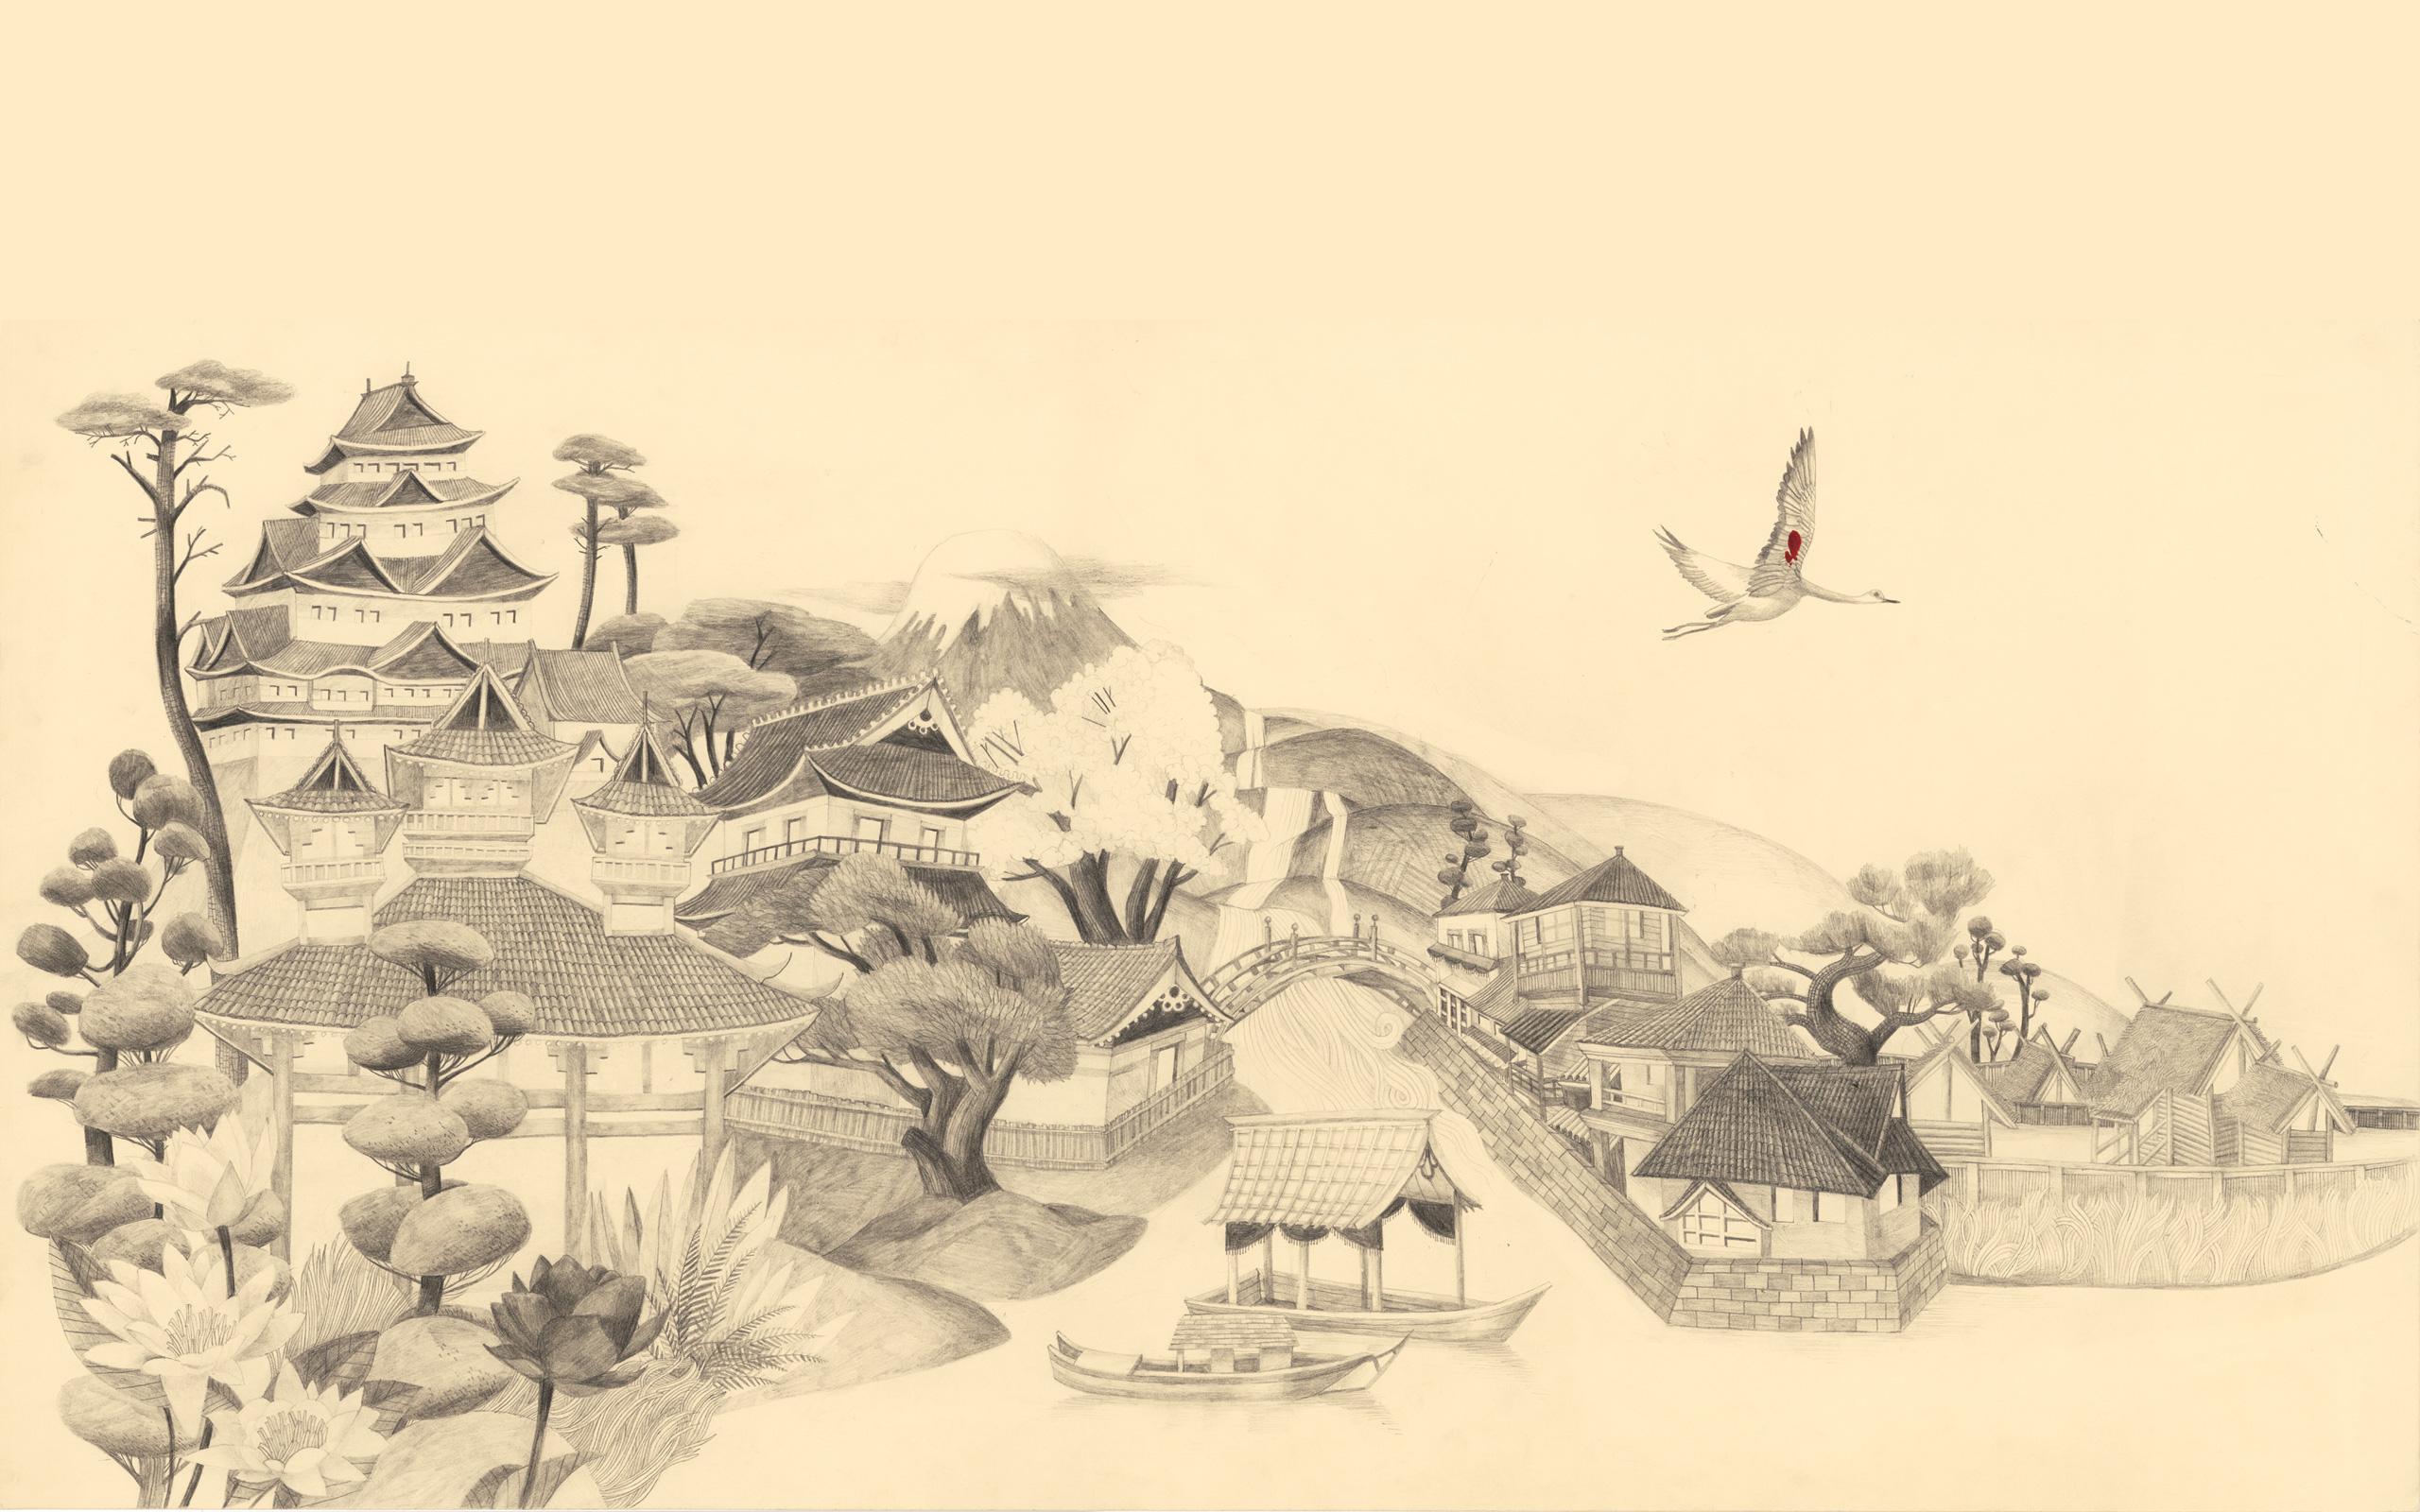 sketch wallpaper hd 1080p - photo #49